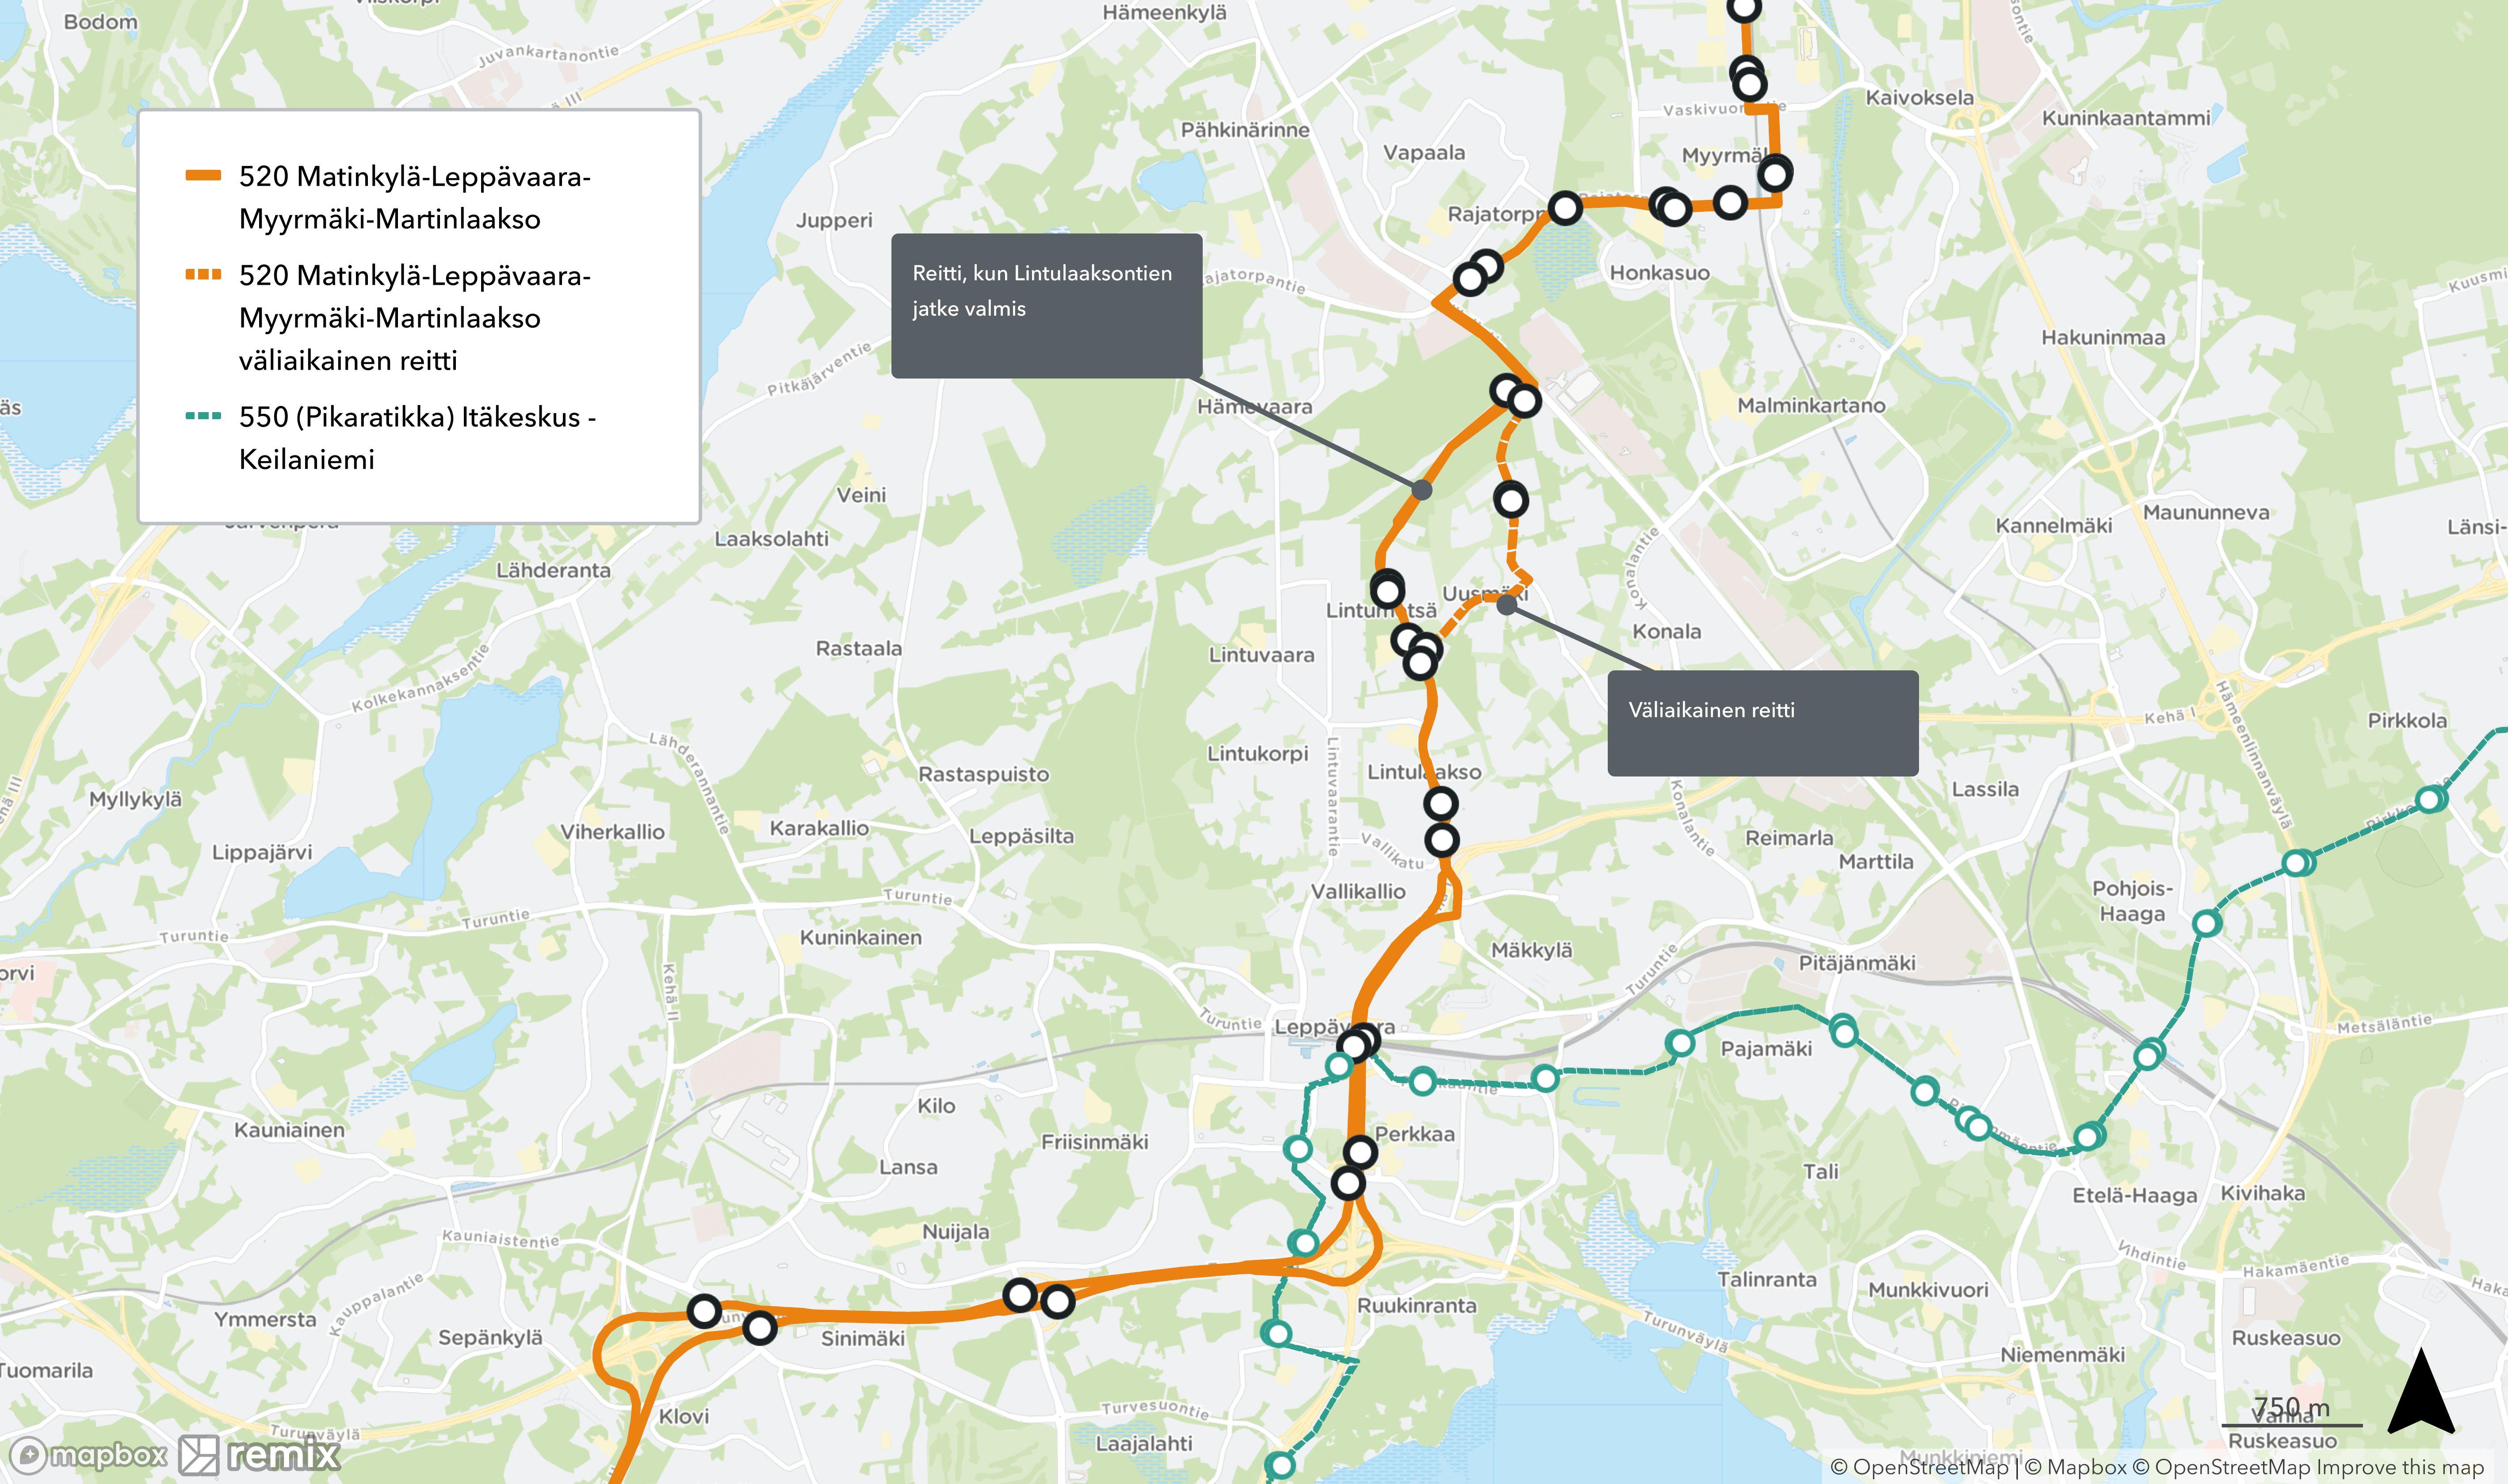 Runkolinja 520 kulkee ennen Lintulaaksontien jatkeen valmistumista väliaikaisesti Leppävaarasta Myyrmäkeen Uusmäen kautta reittiä Lintulaaksontie - Sotilastorpantie - Vanha Hämeenkyläntie - Vihdintie.